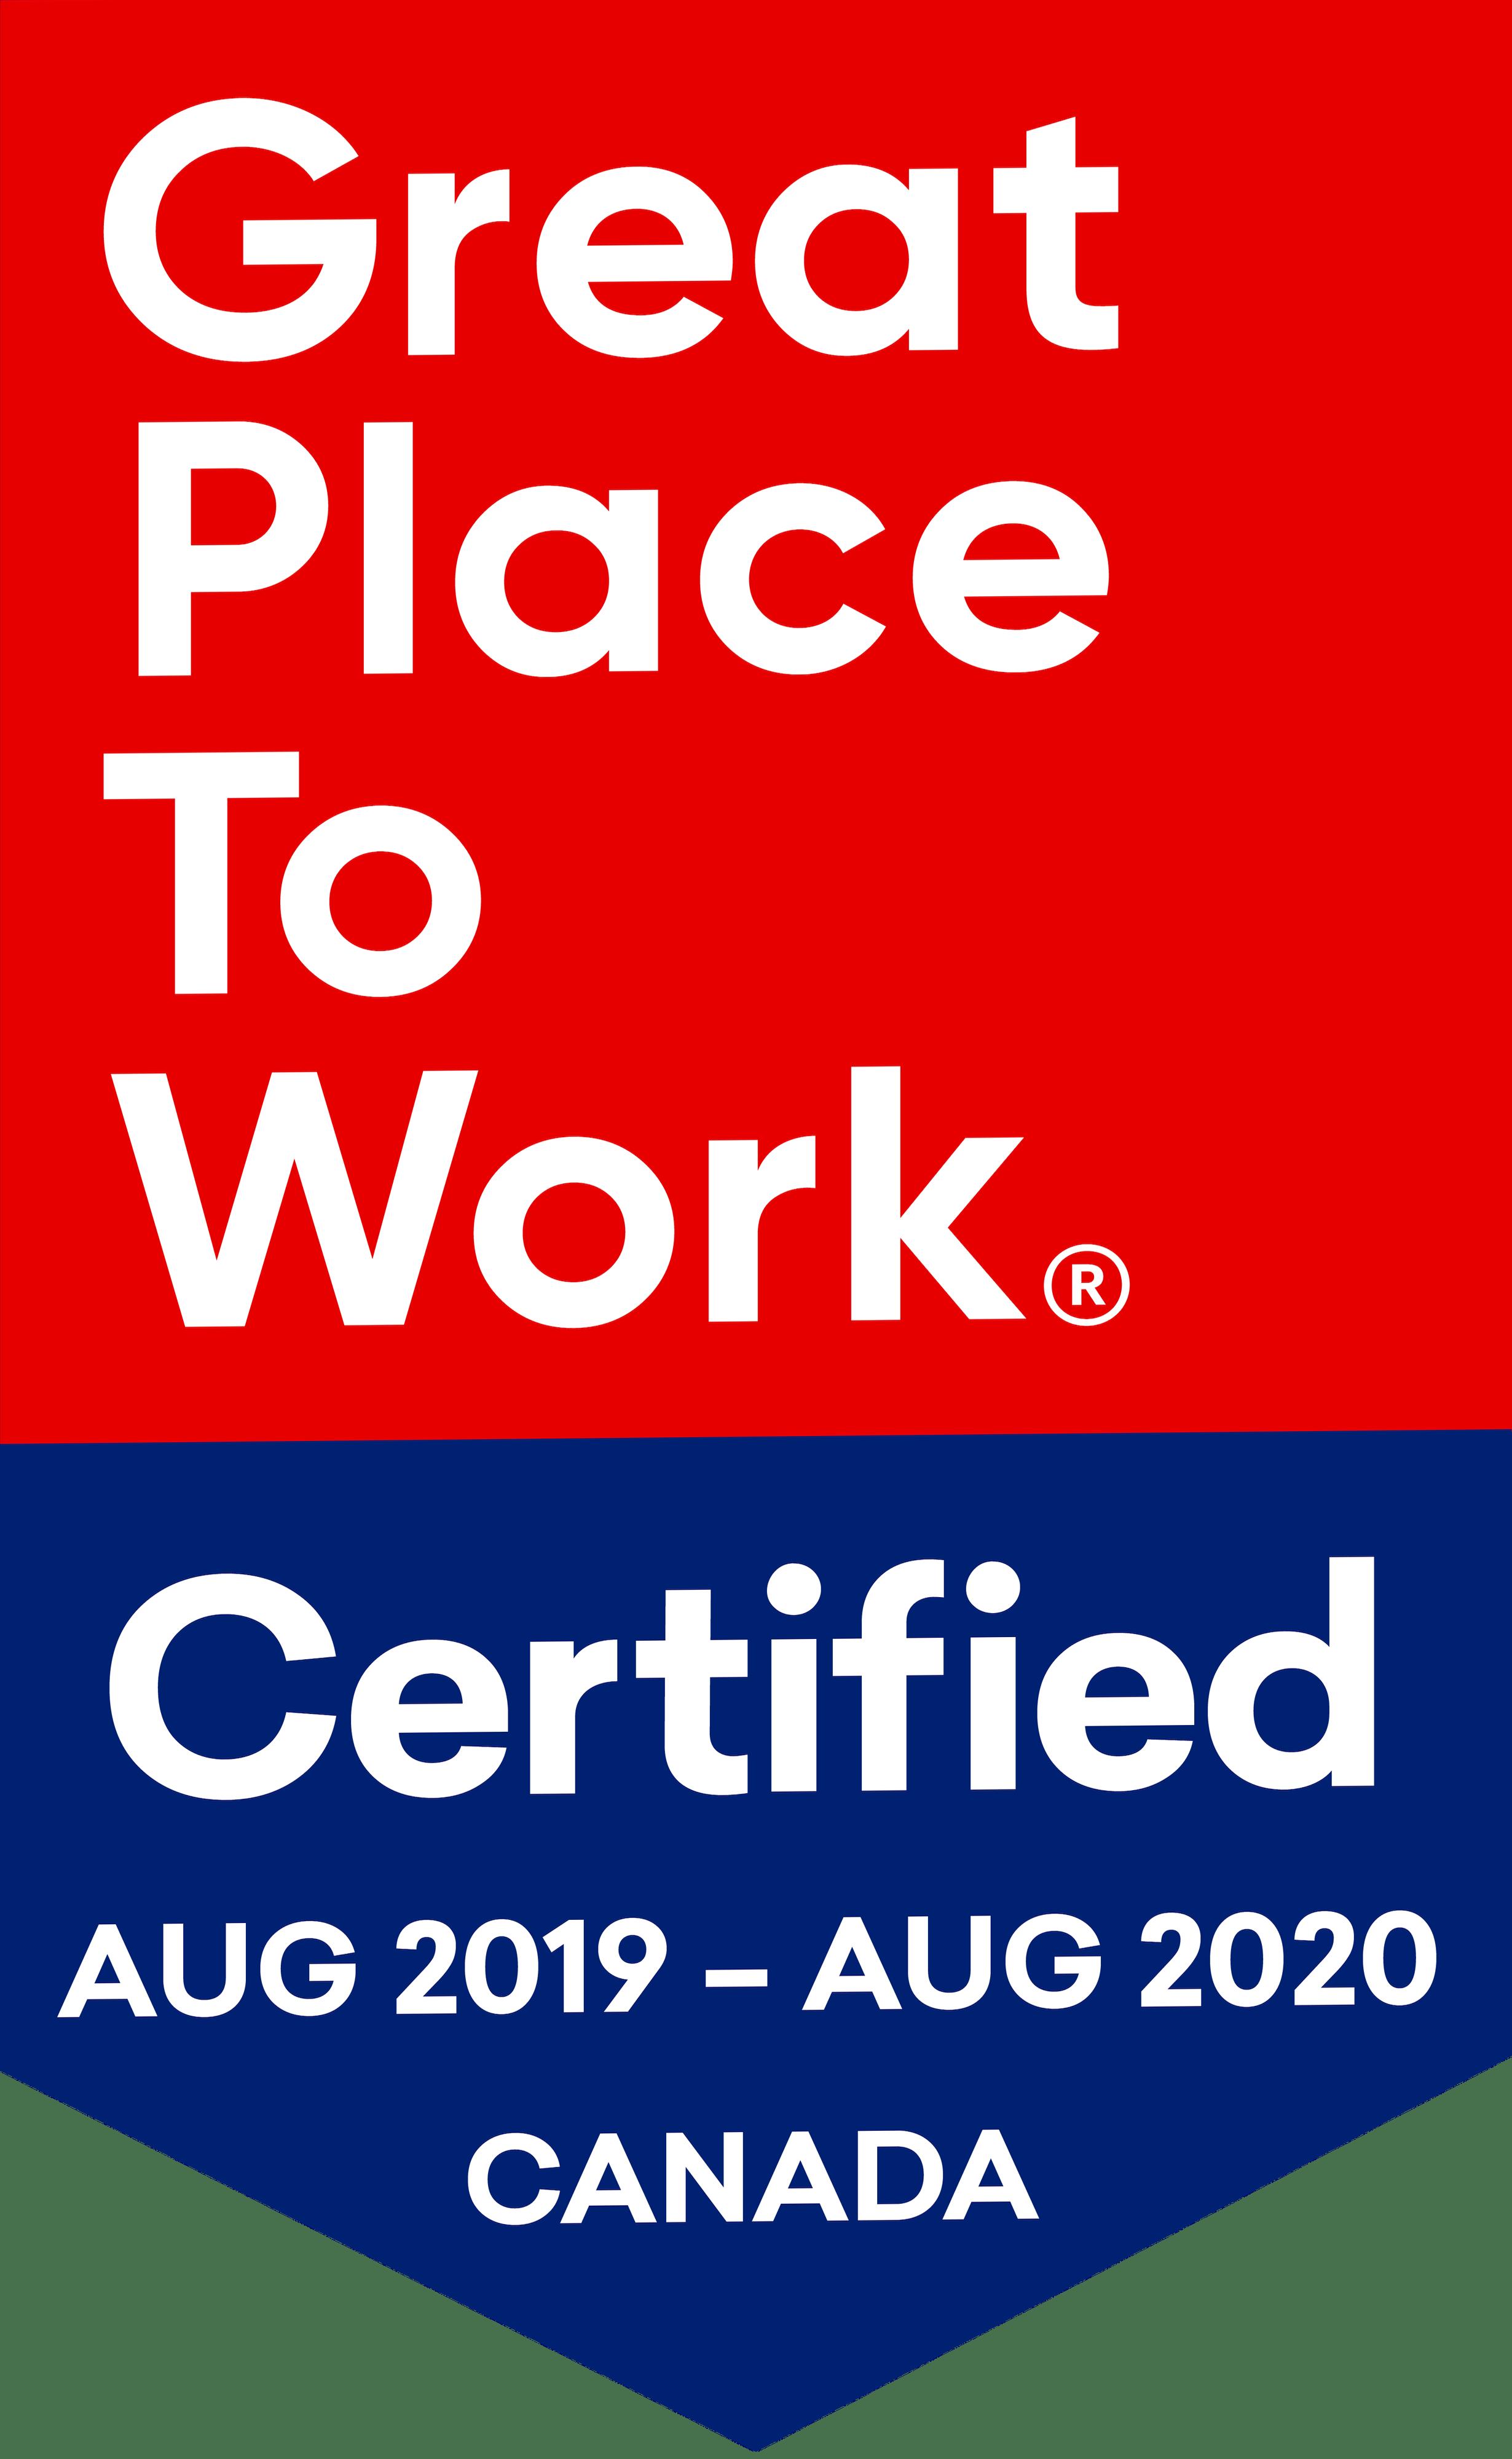 GPTW-Certified-2019-08-Aug-2019-Aug-2020-EN-_2_-1